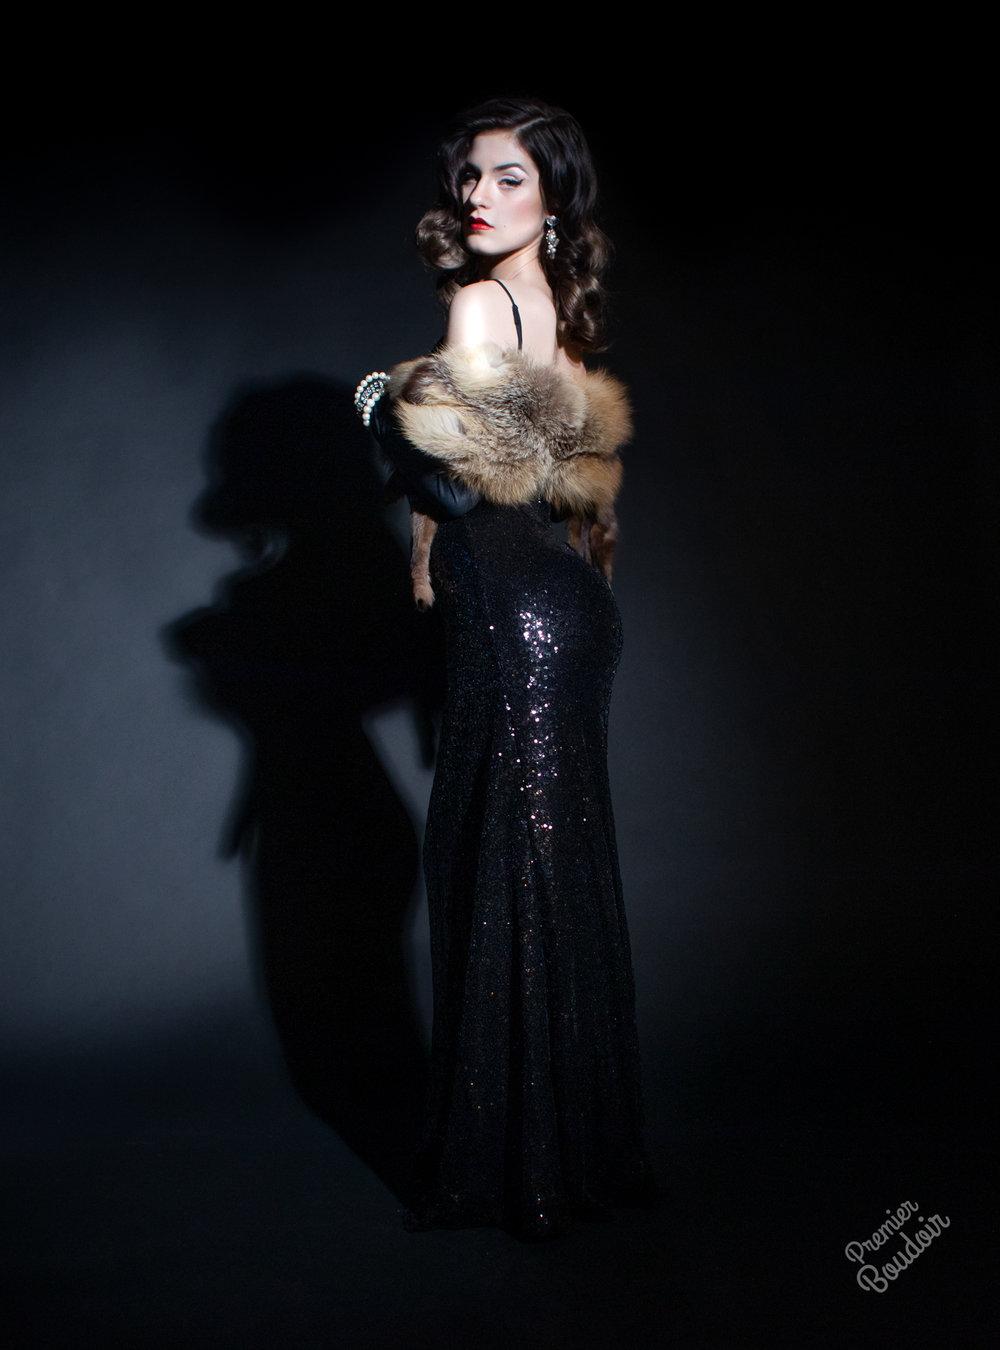 hollywood glamour boudoir photographer.jpg